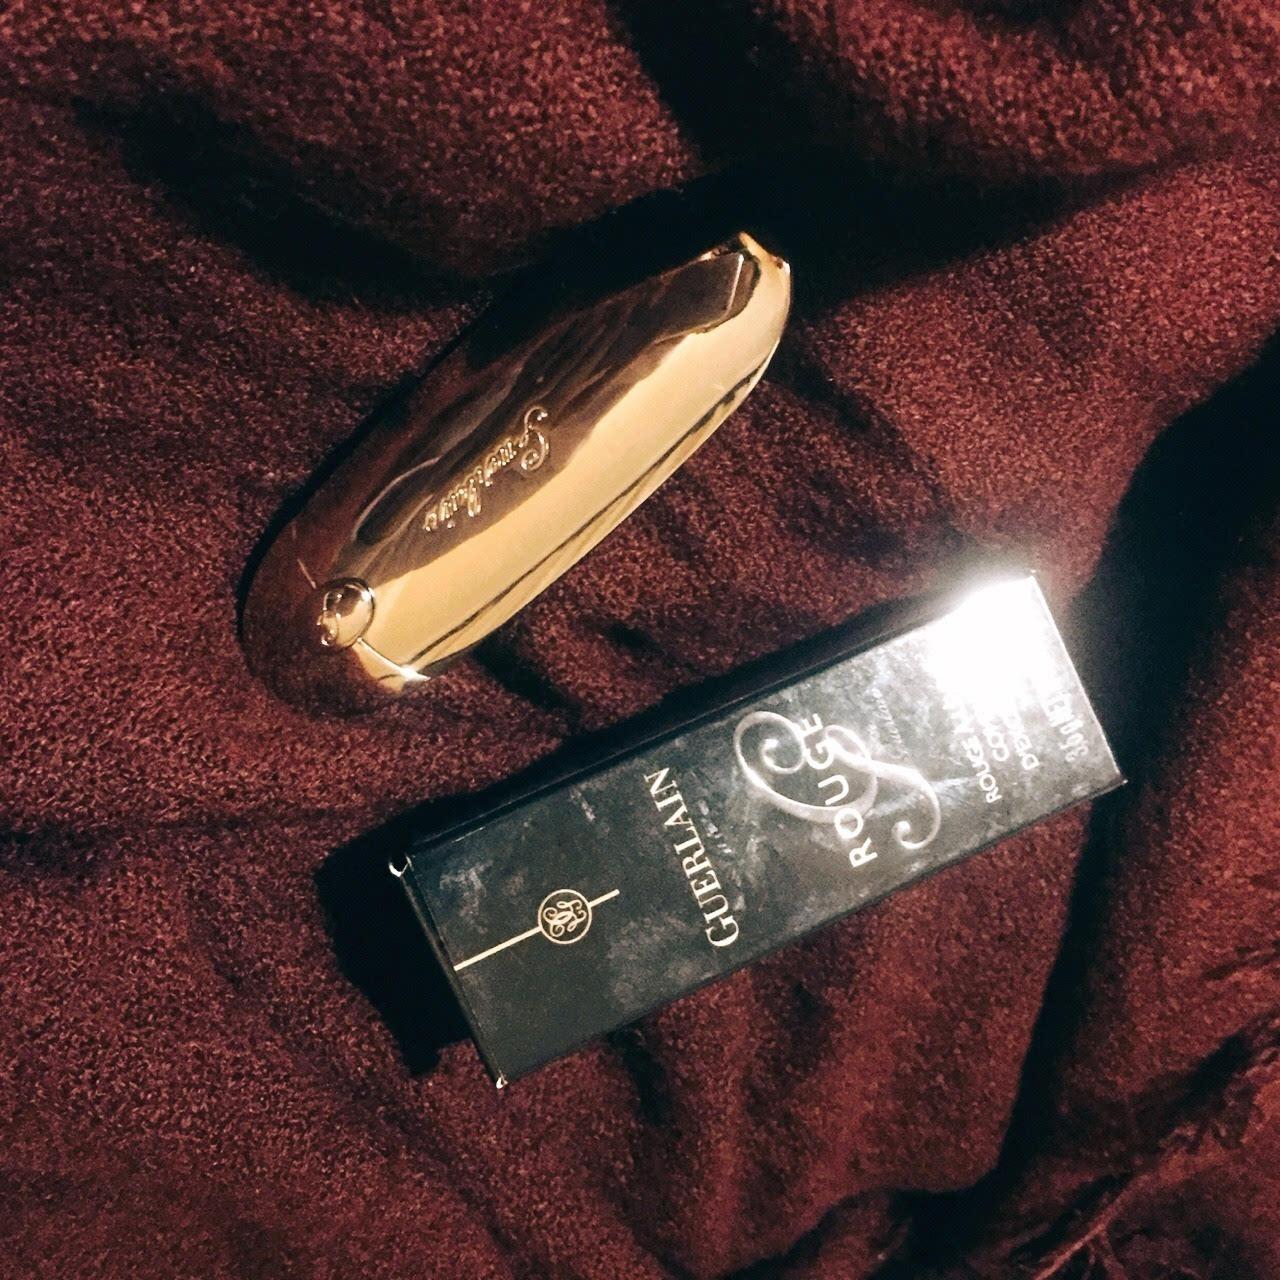 分享一支娇兰的唇膏图片